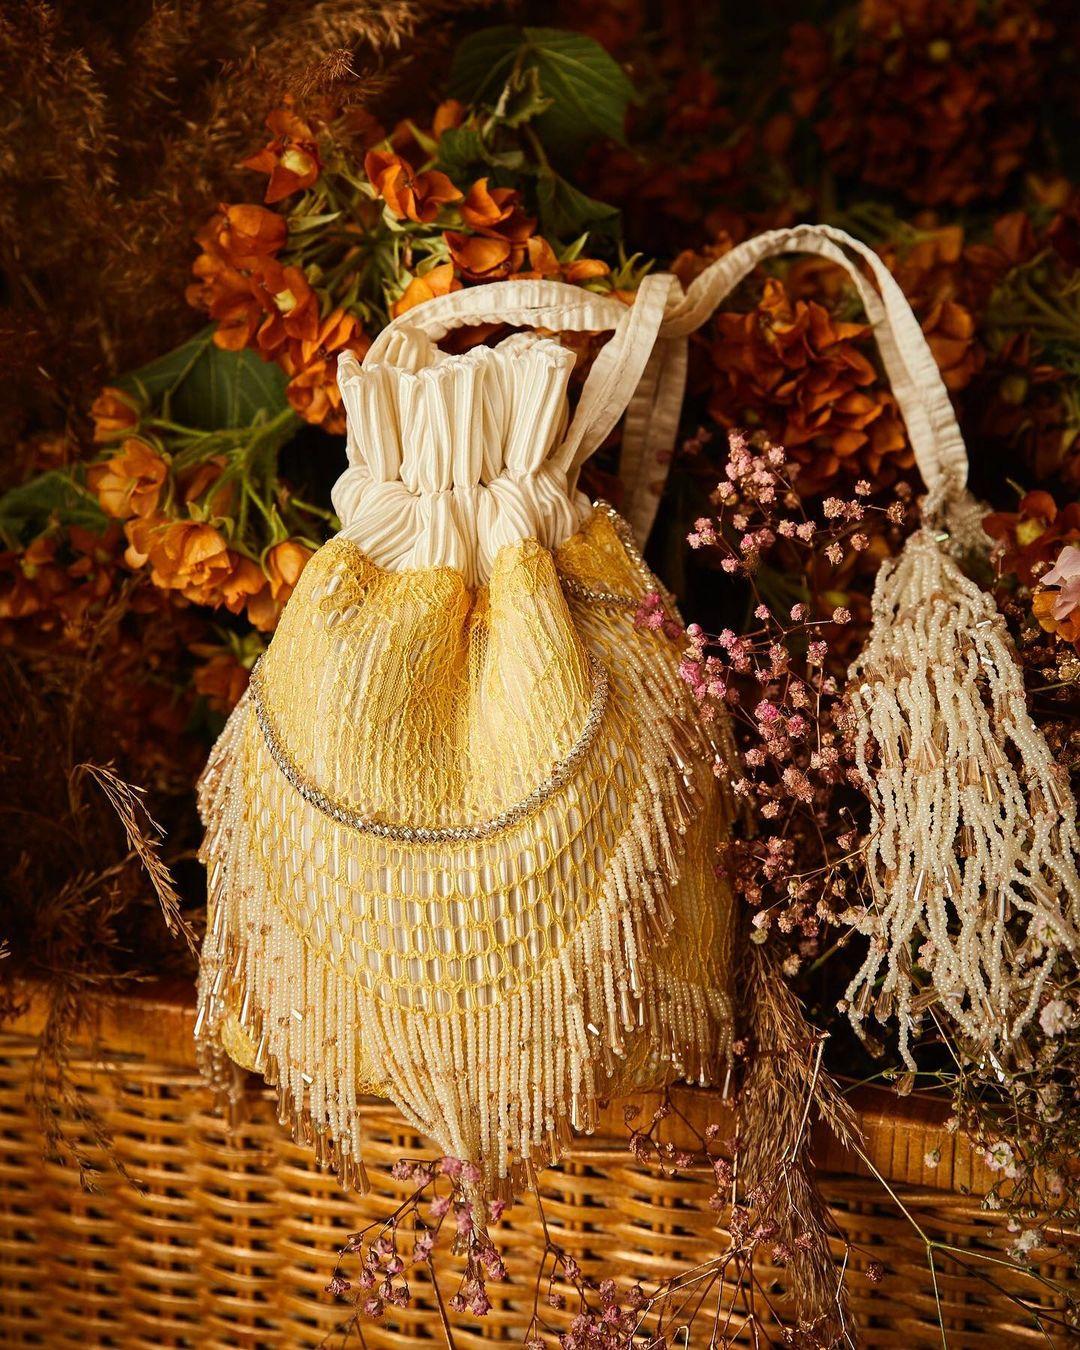 yellow potli bag